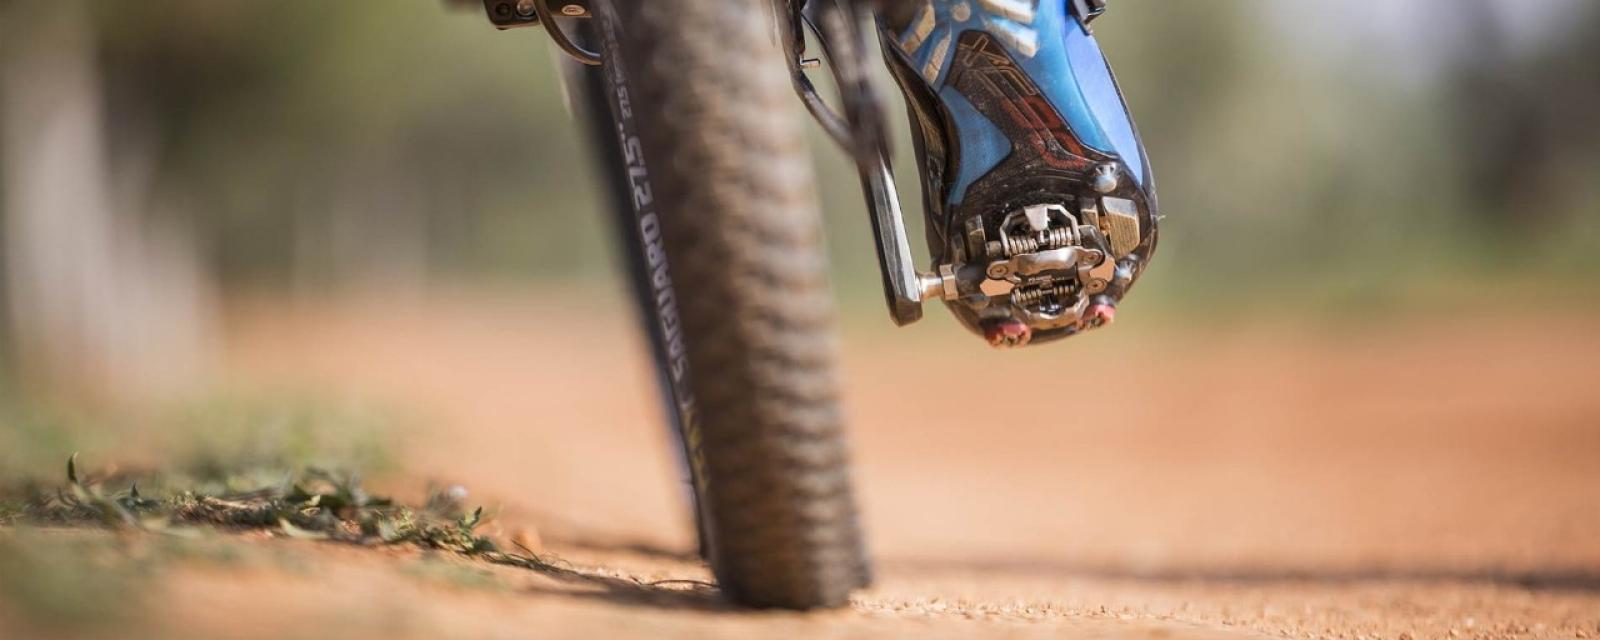 Shimano buty rowerowe